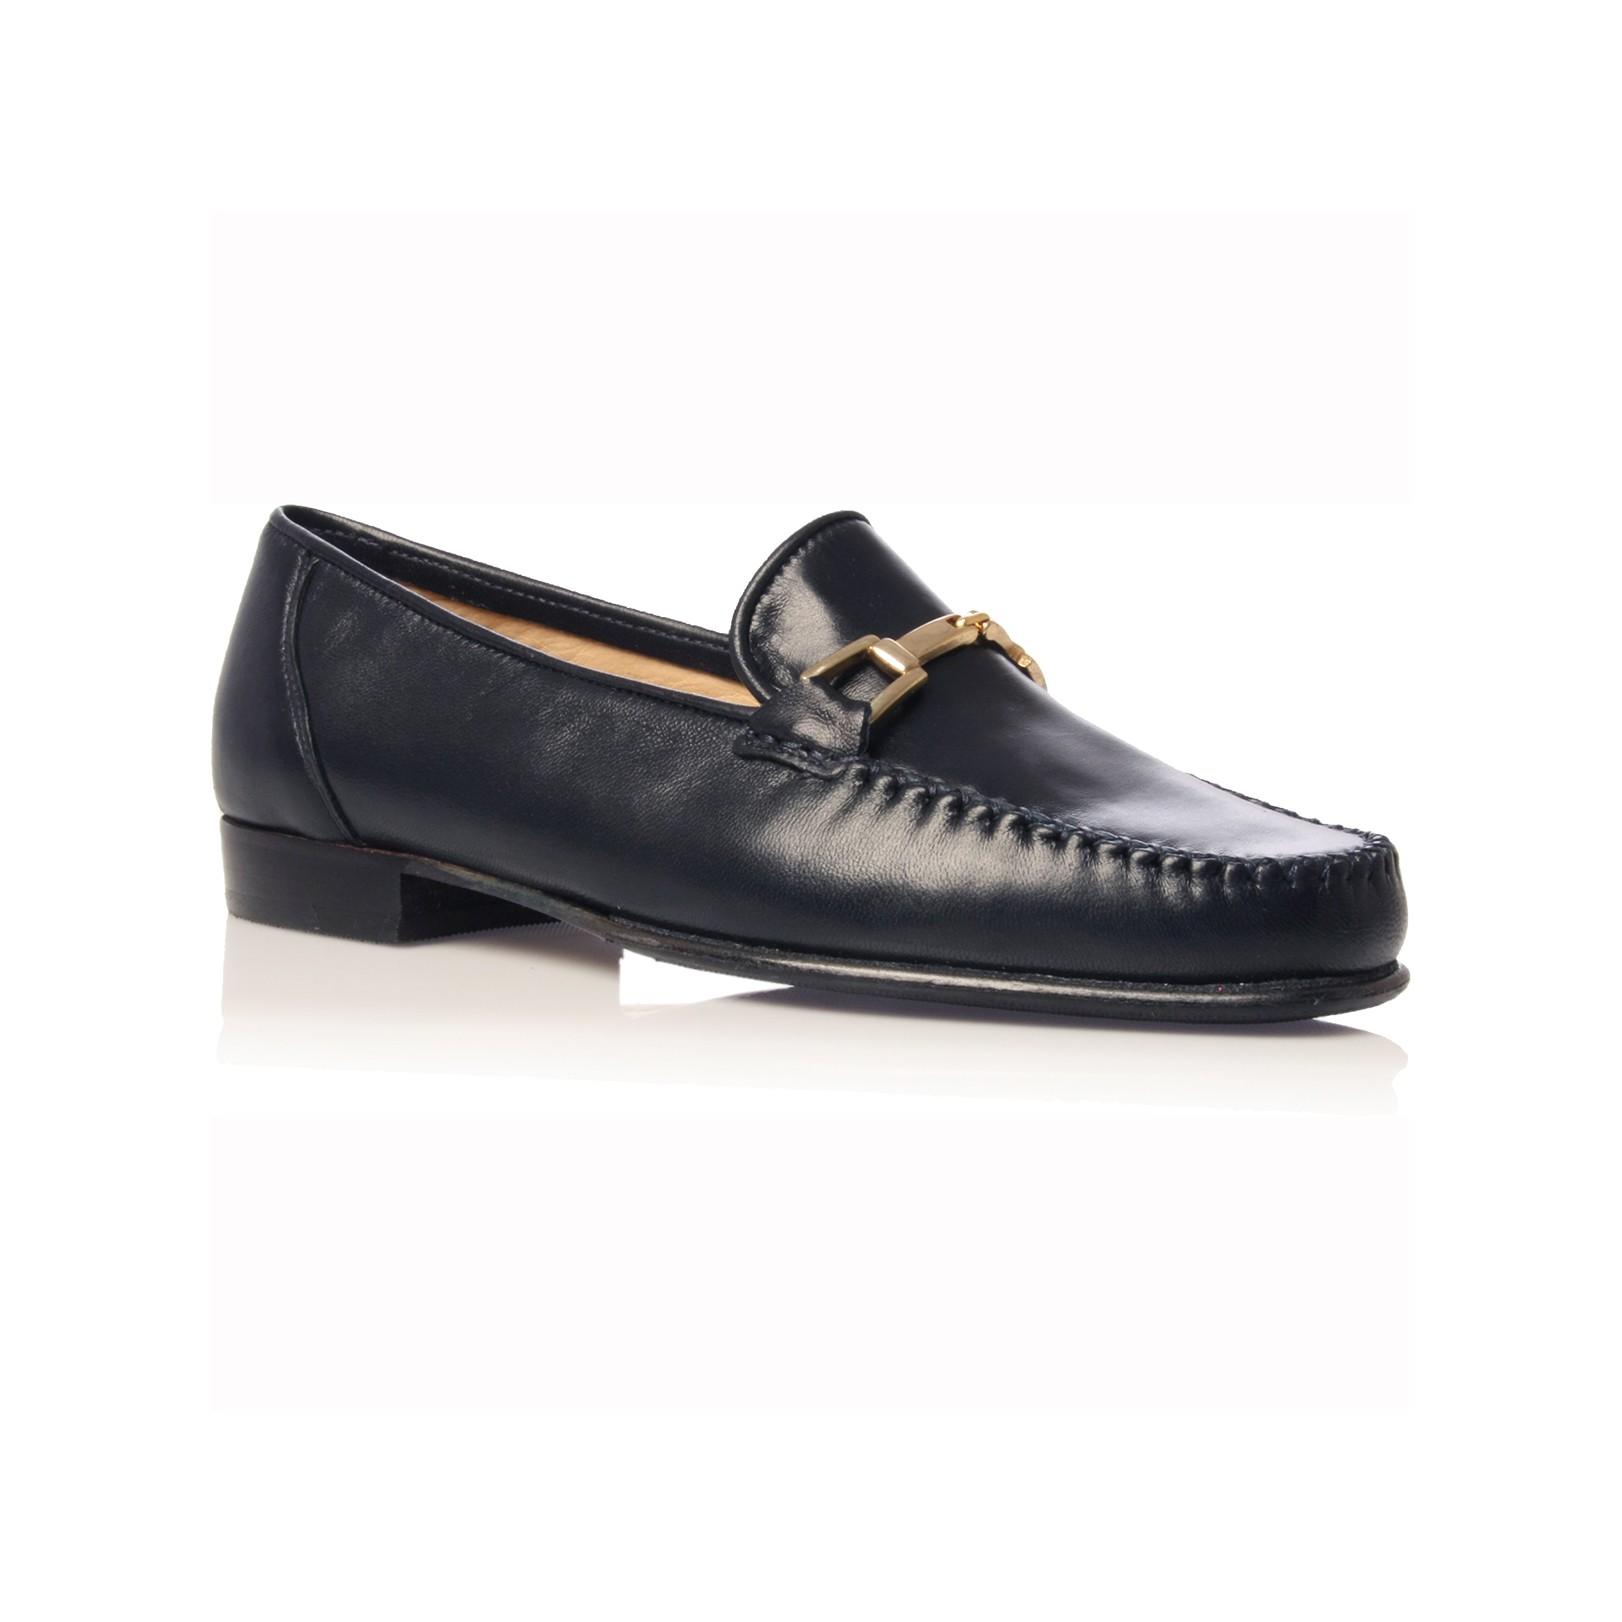 Mens Carvela Shoes Images